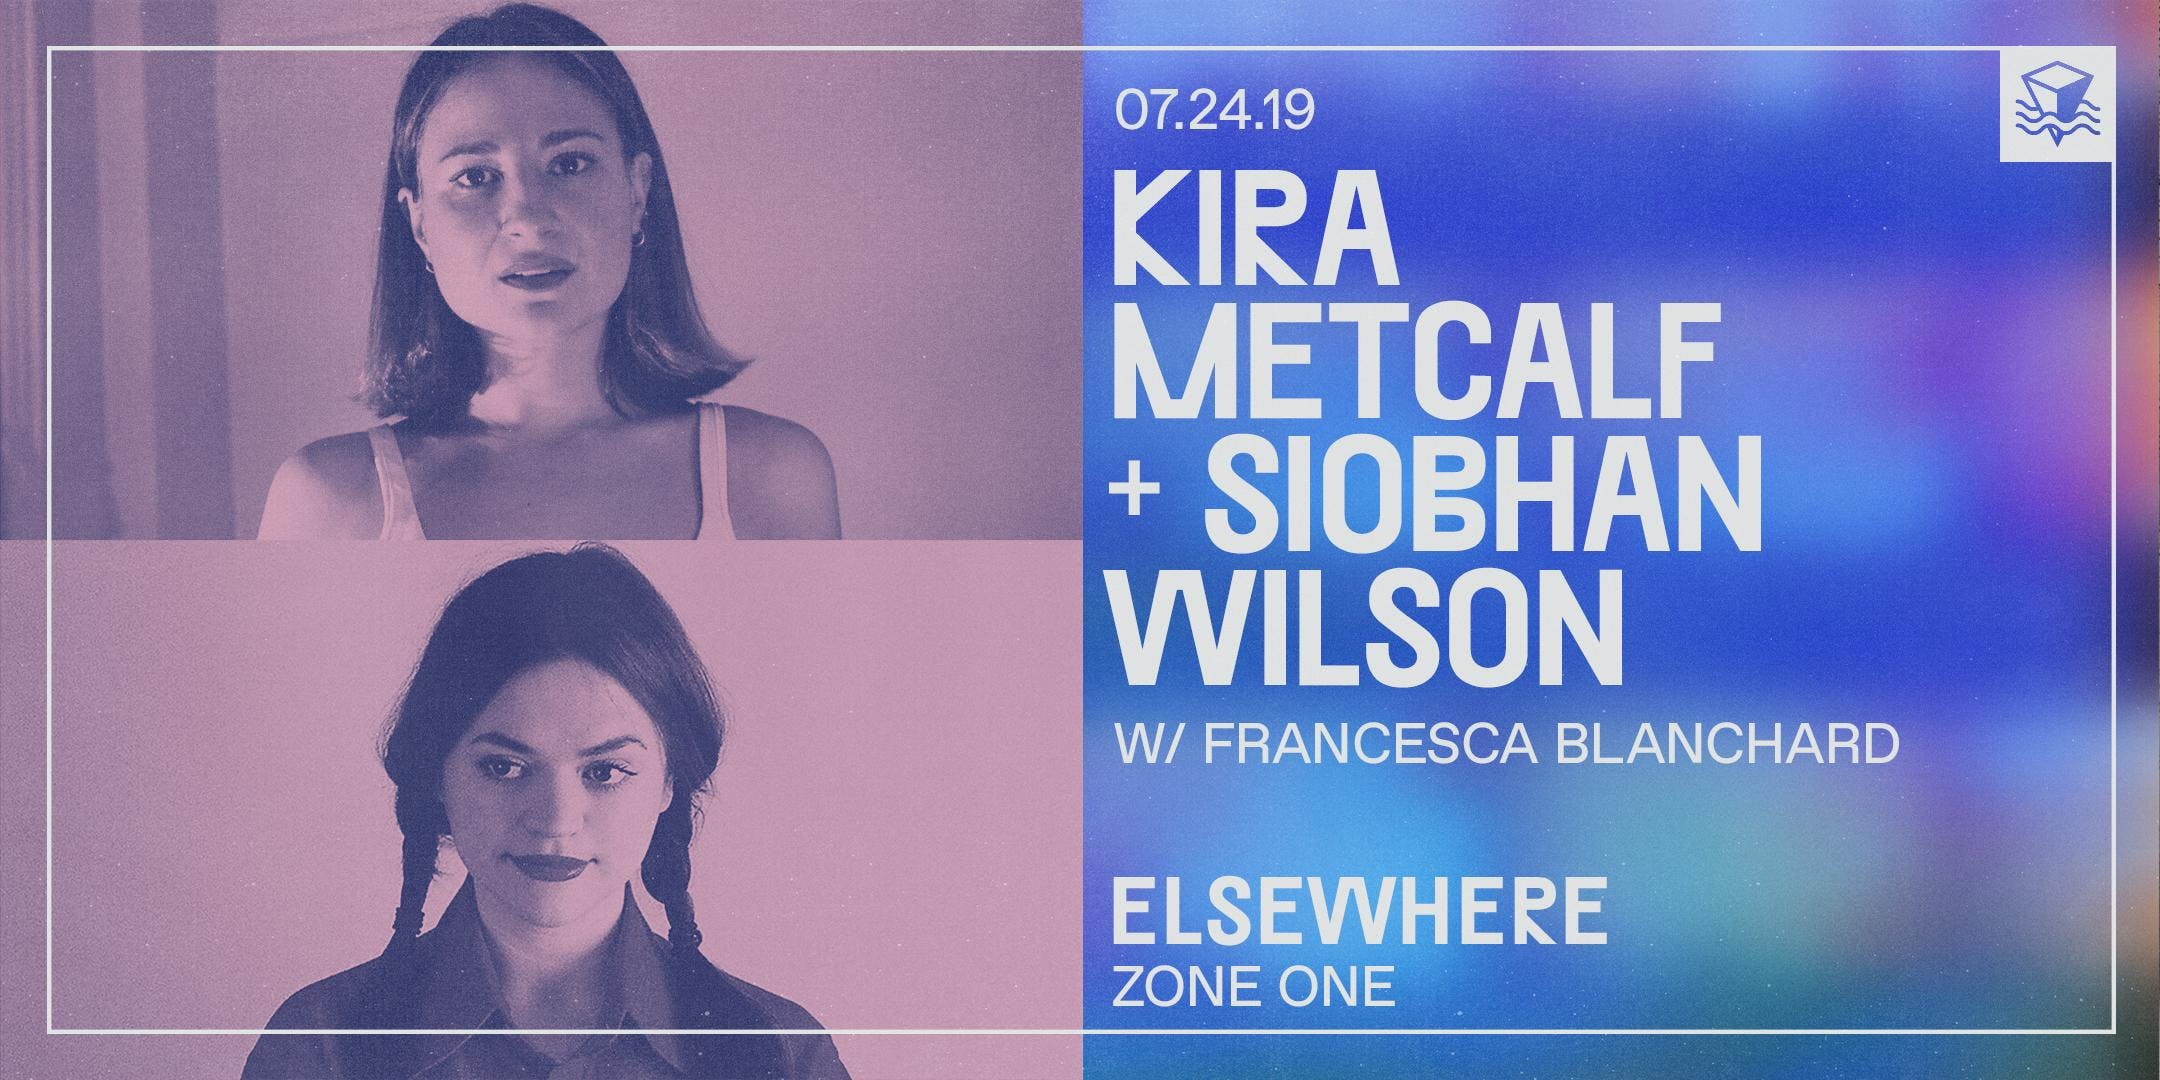 Kira Metcalf + Siobhan Wilson